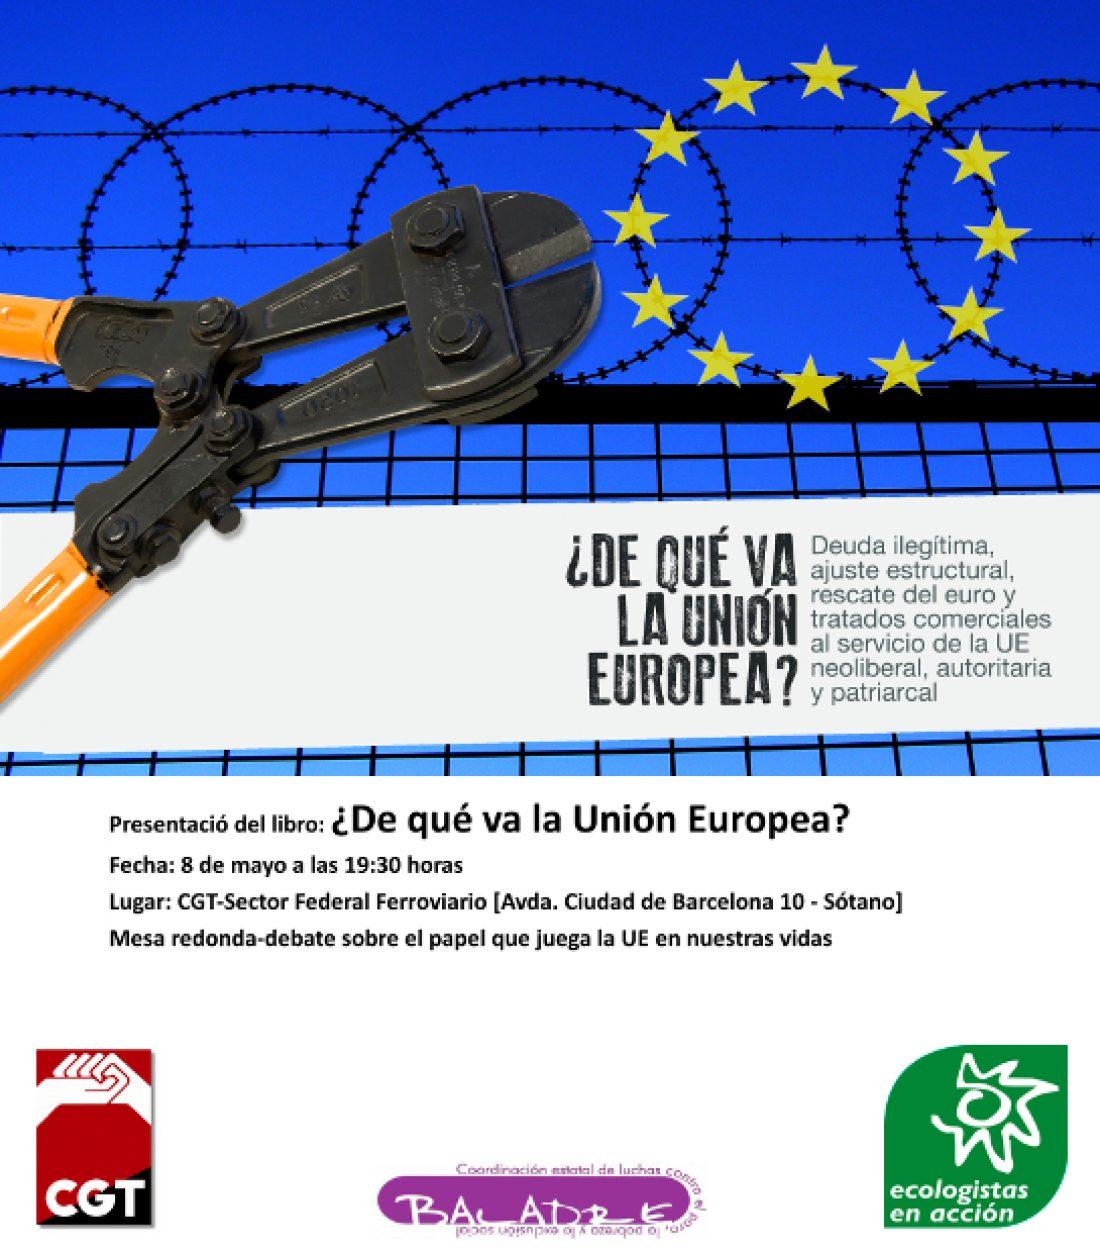 Presentación del libro: ¿De qué va la Unión Europea?